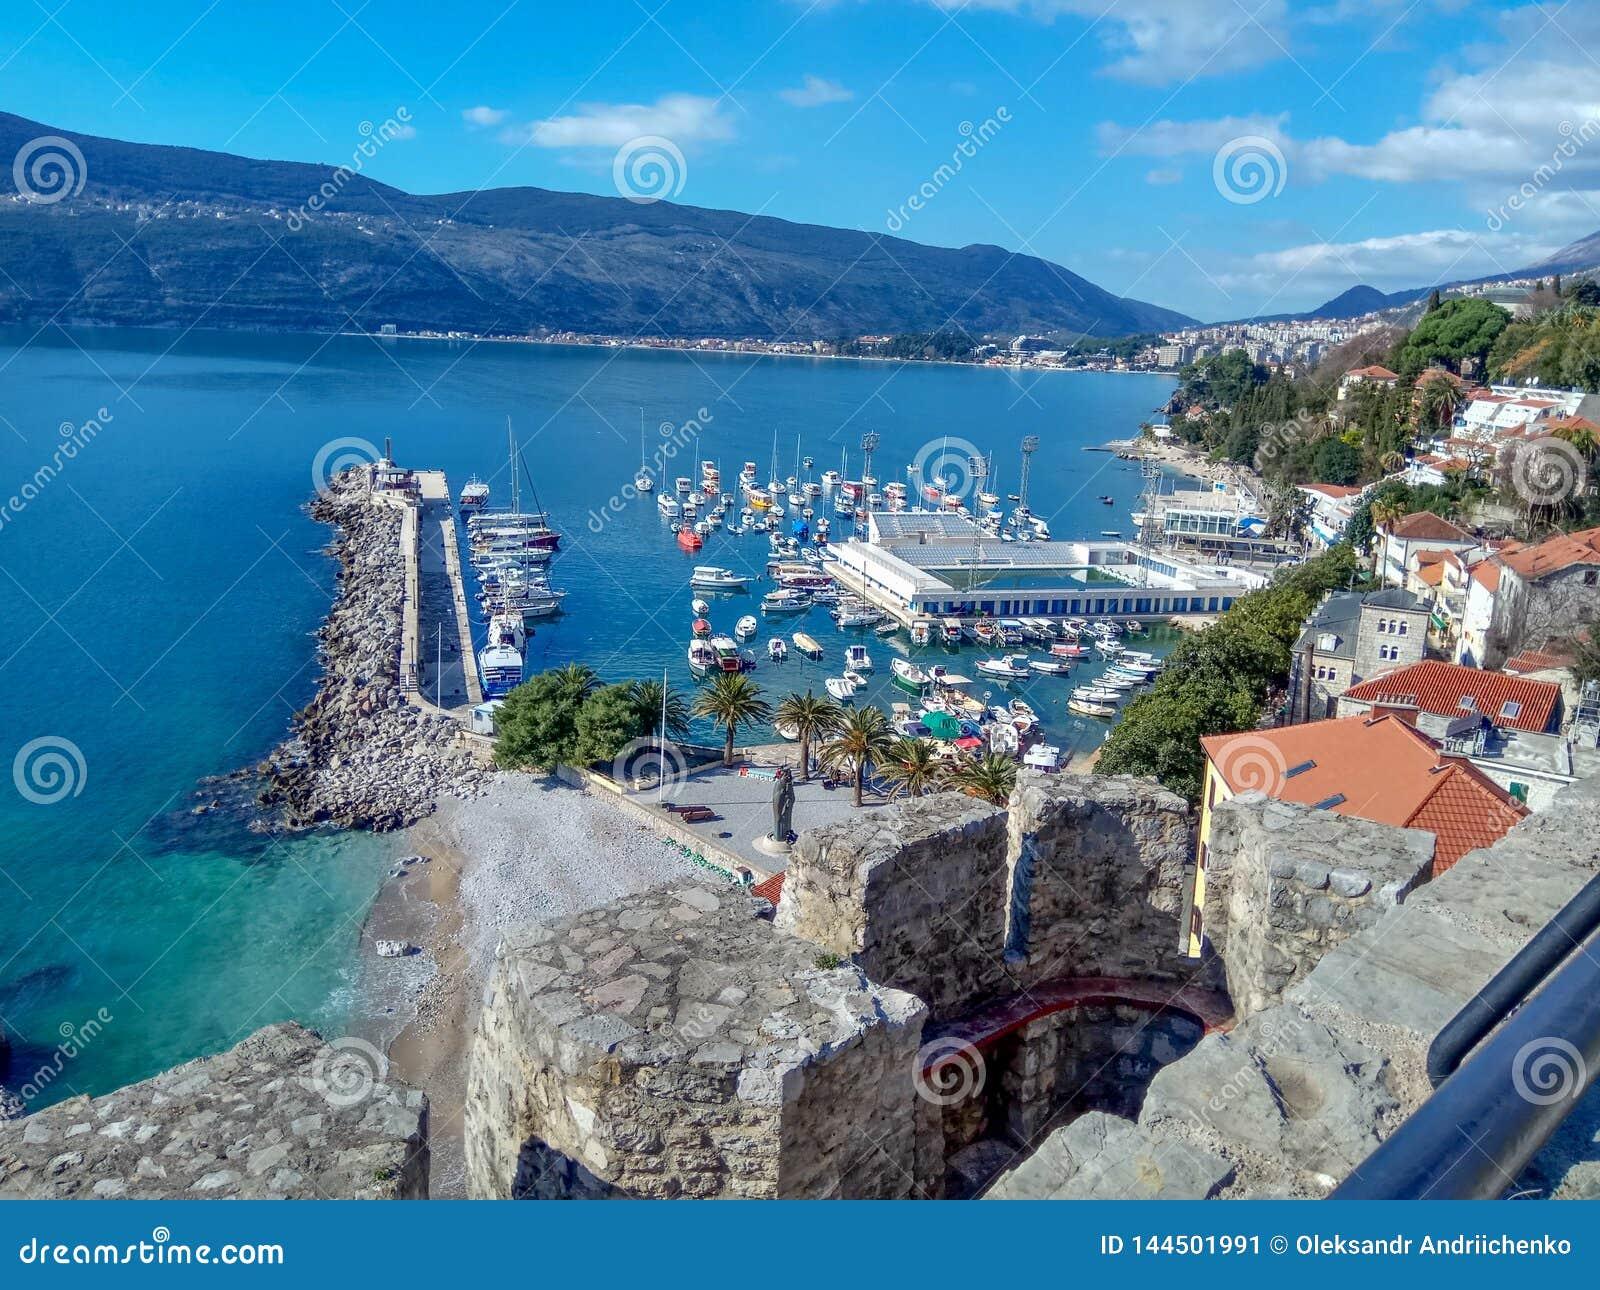 Herceg-Novi, Montenegro: stadscentrum dichtbij het water op het gebied met een jachthaven en een zwembad